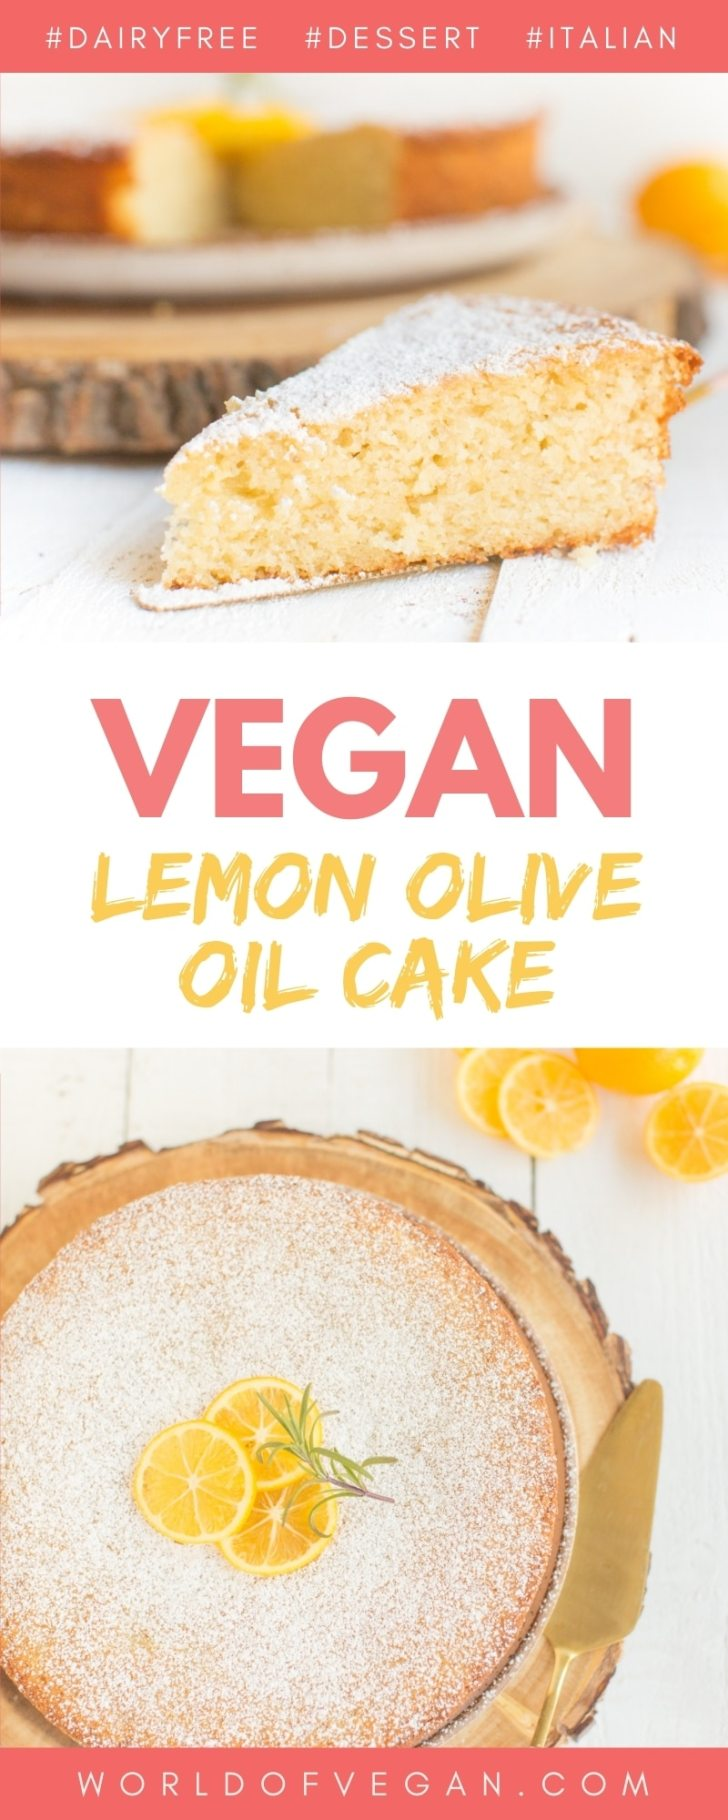 The Best Vegan Lemon Olive Oil Cake